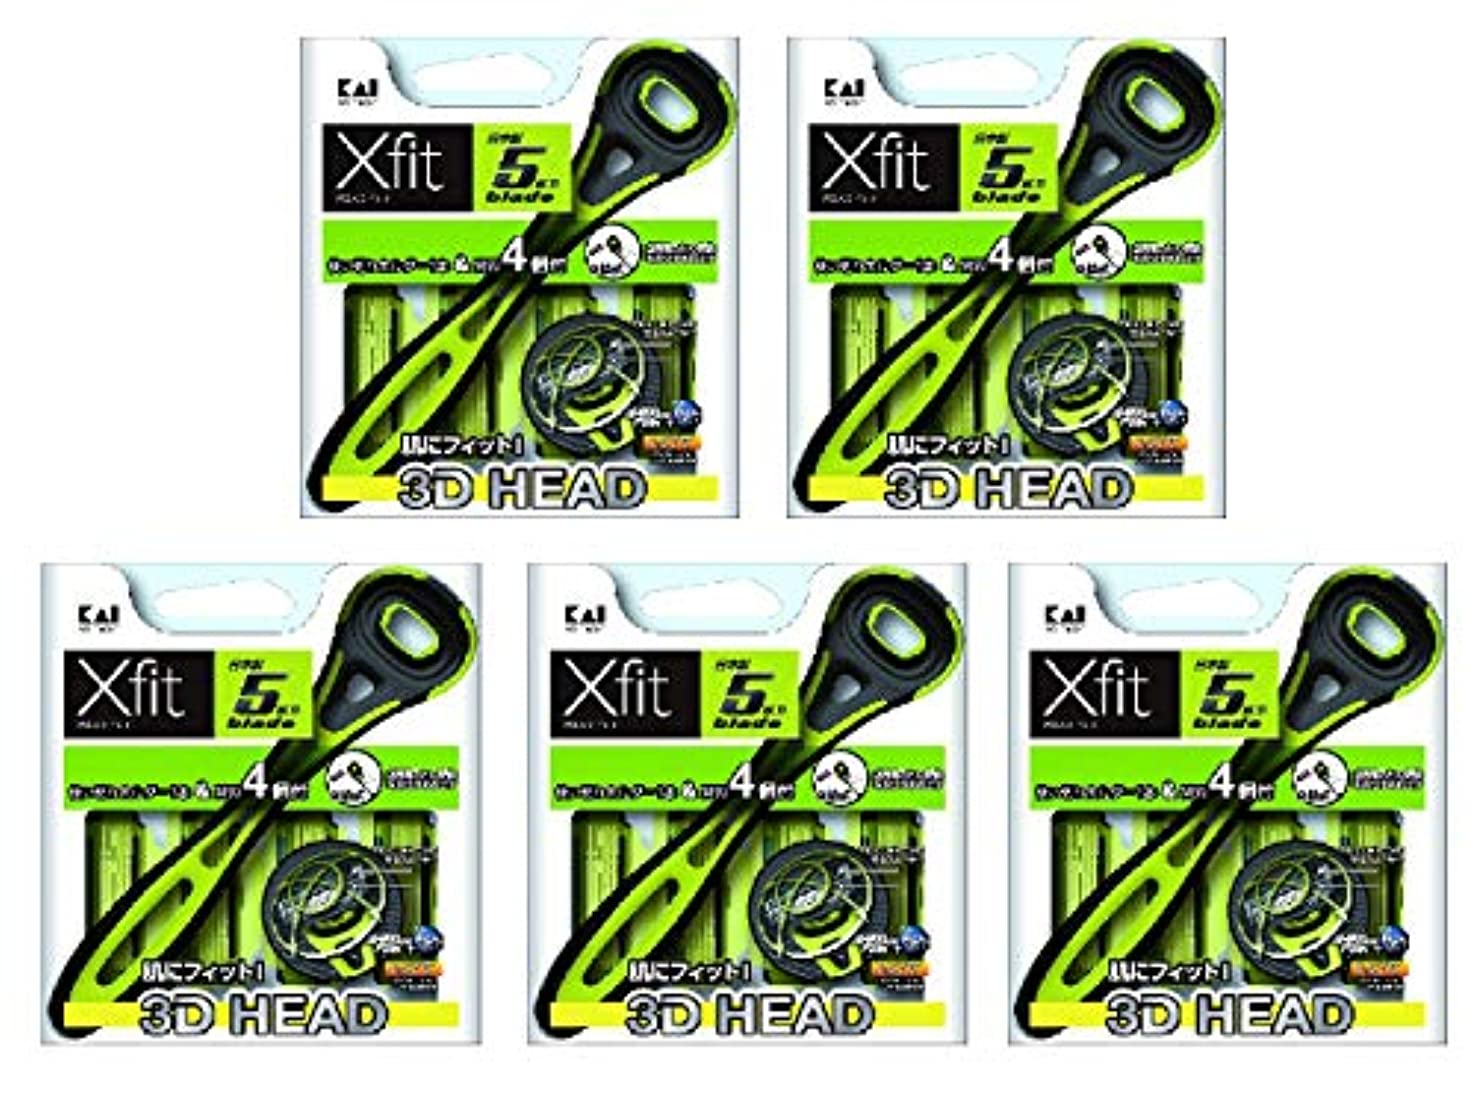 パスタ余韻作物Xfit(クロスフィット)5枚刃 クリアパッケージ 使い切りホルダー+替刃4個【×5セット】